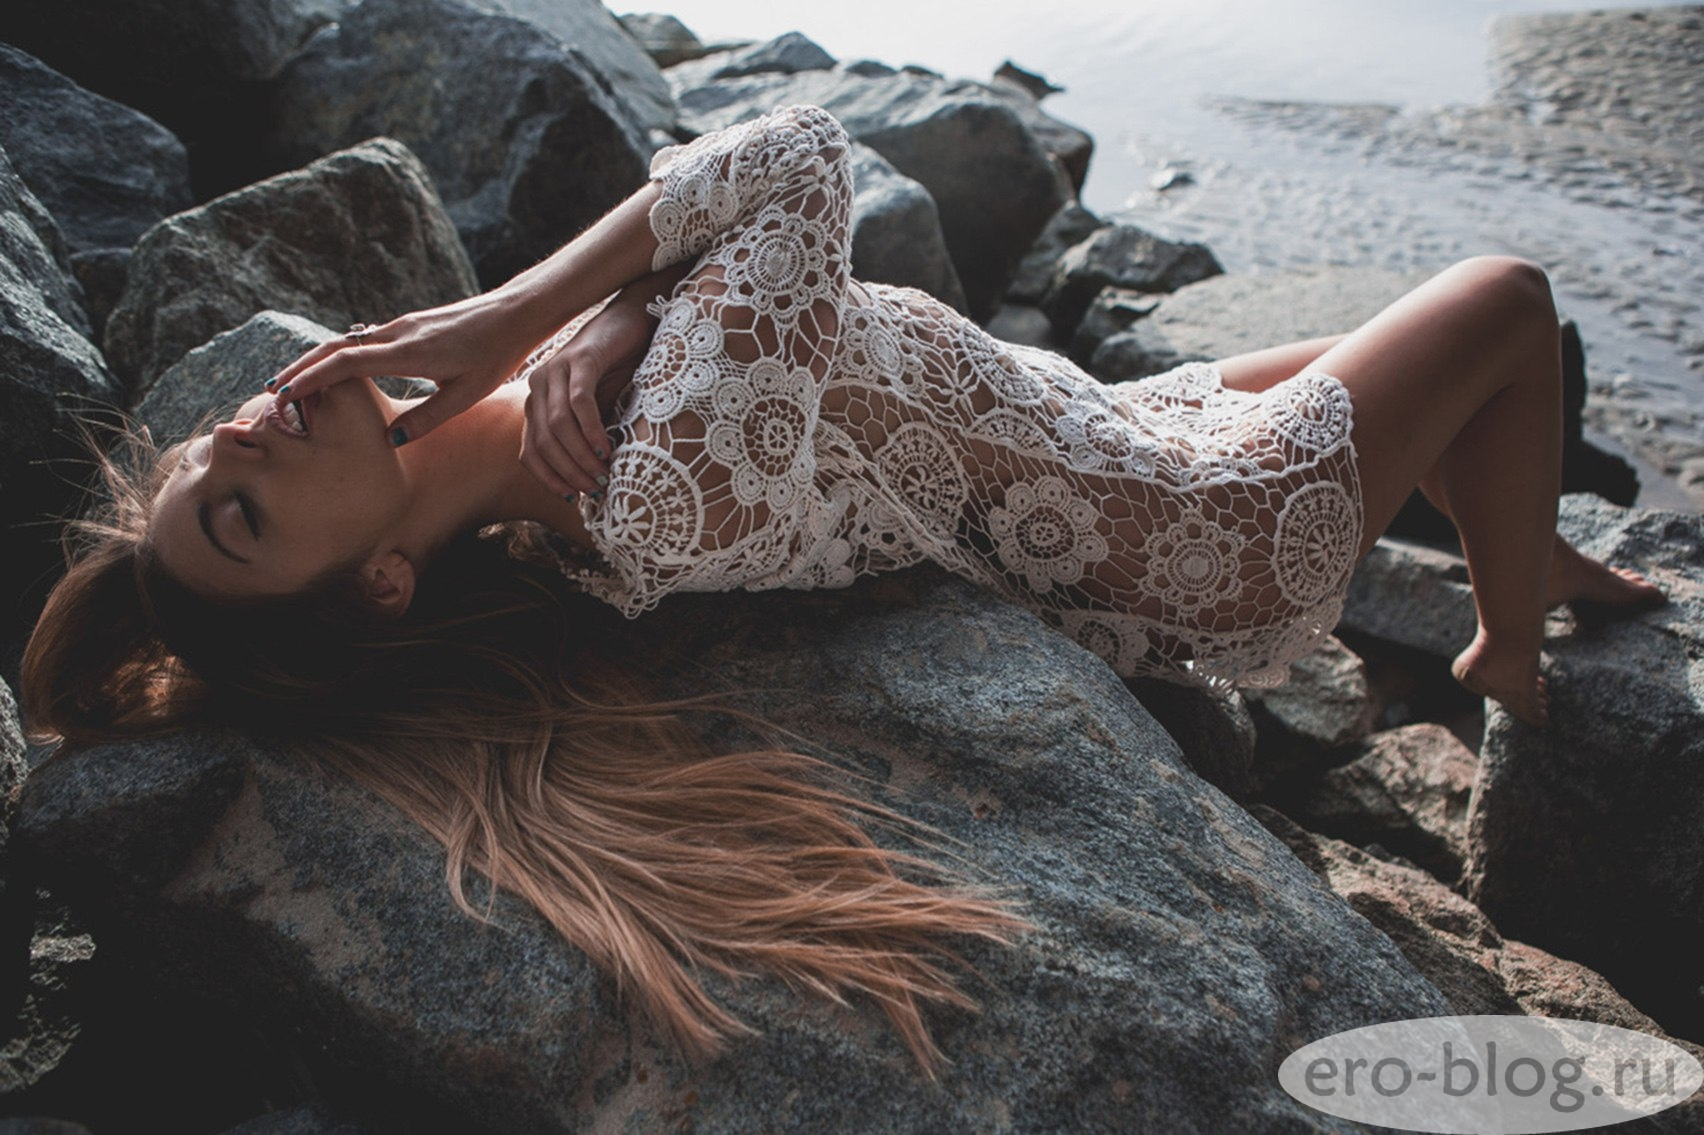 Голая обнаженная Carmella Rose | Кармелла Роуз интимные фото звезды